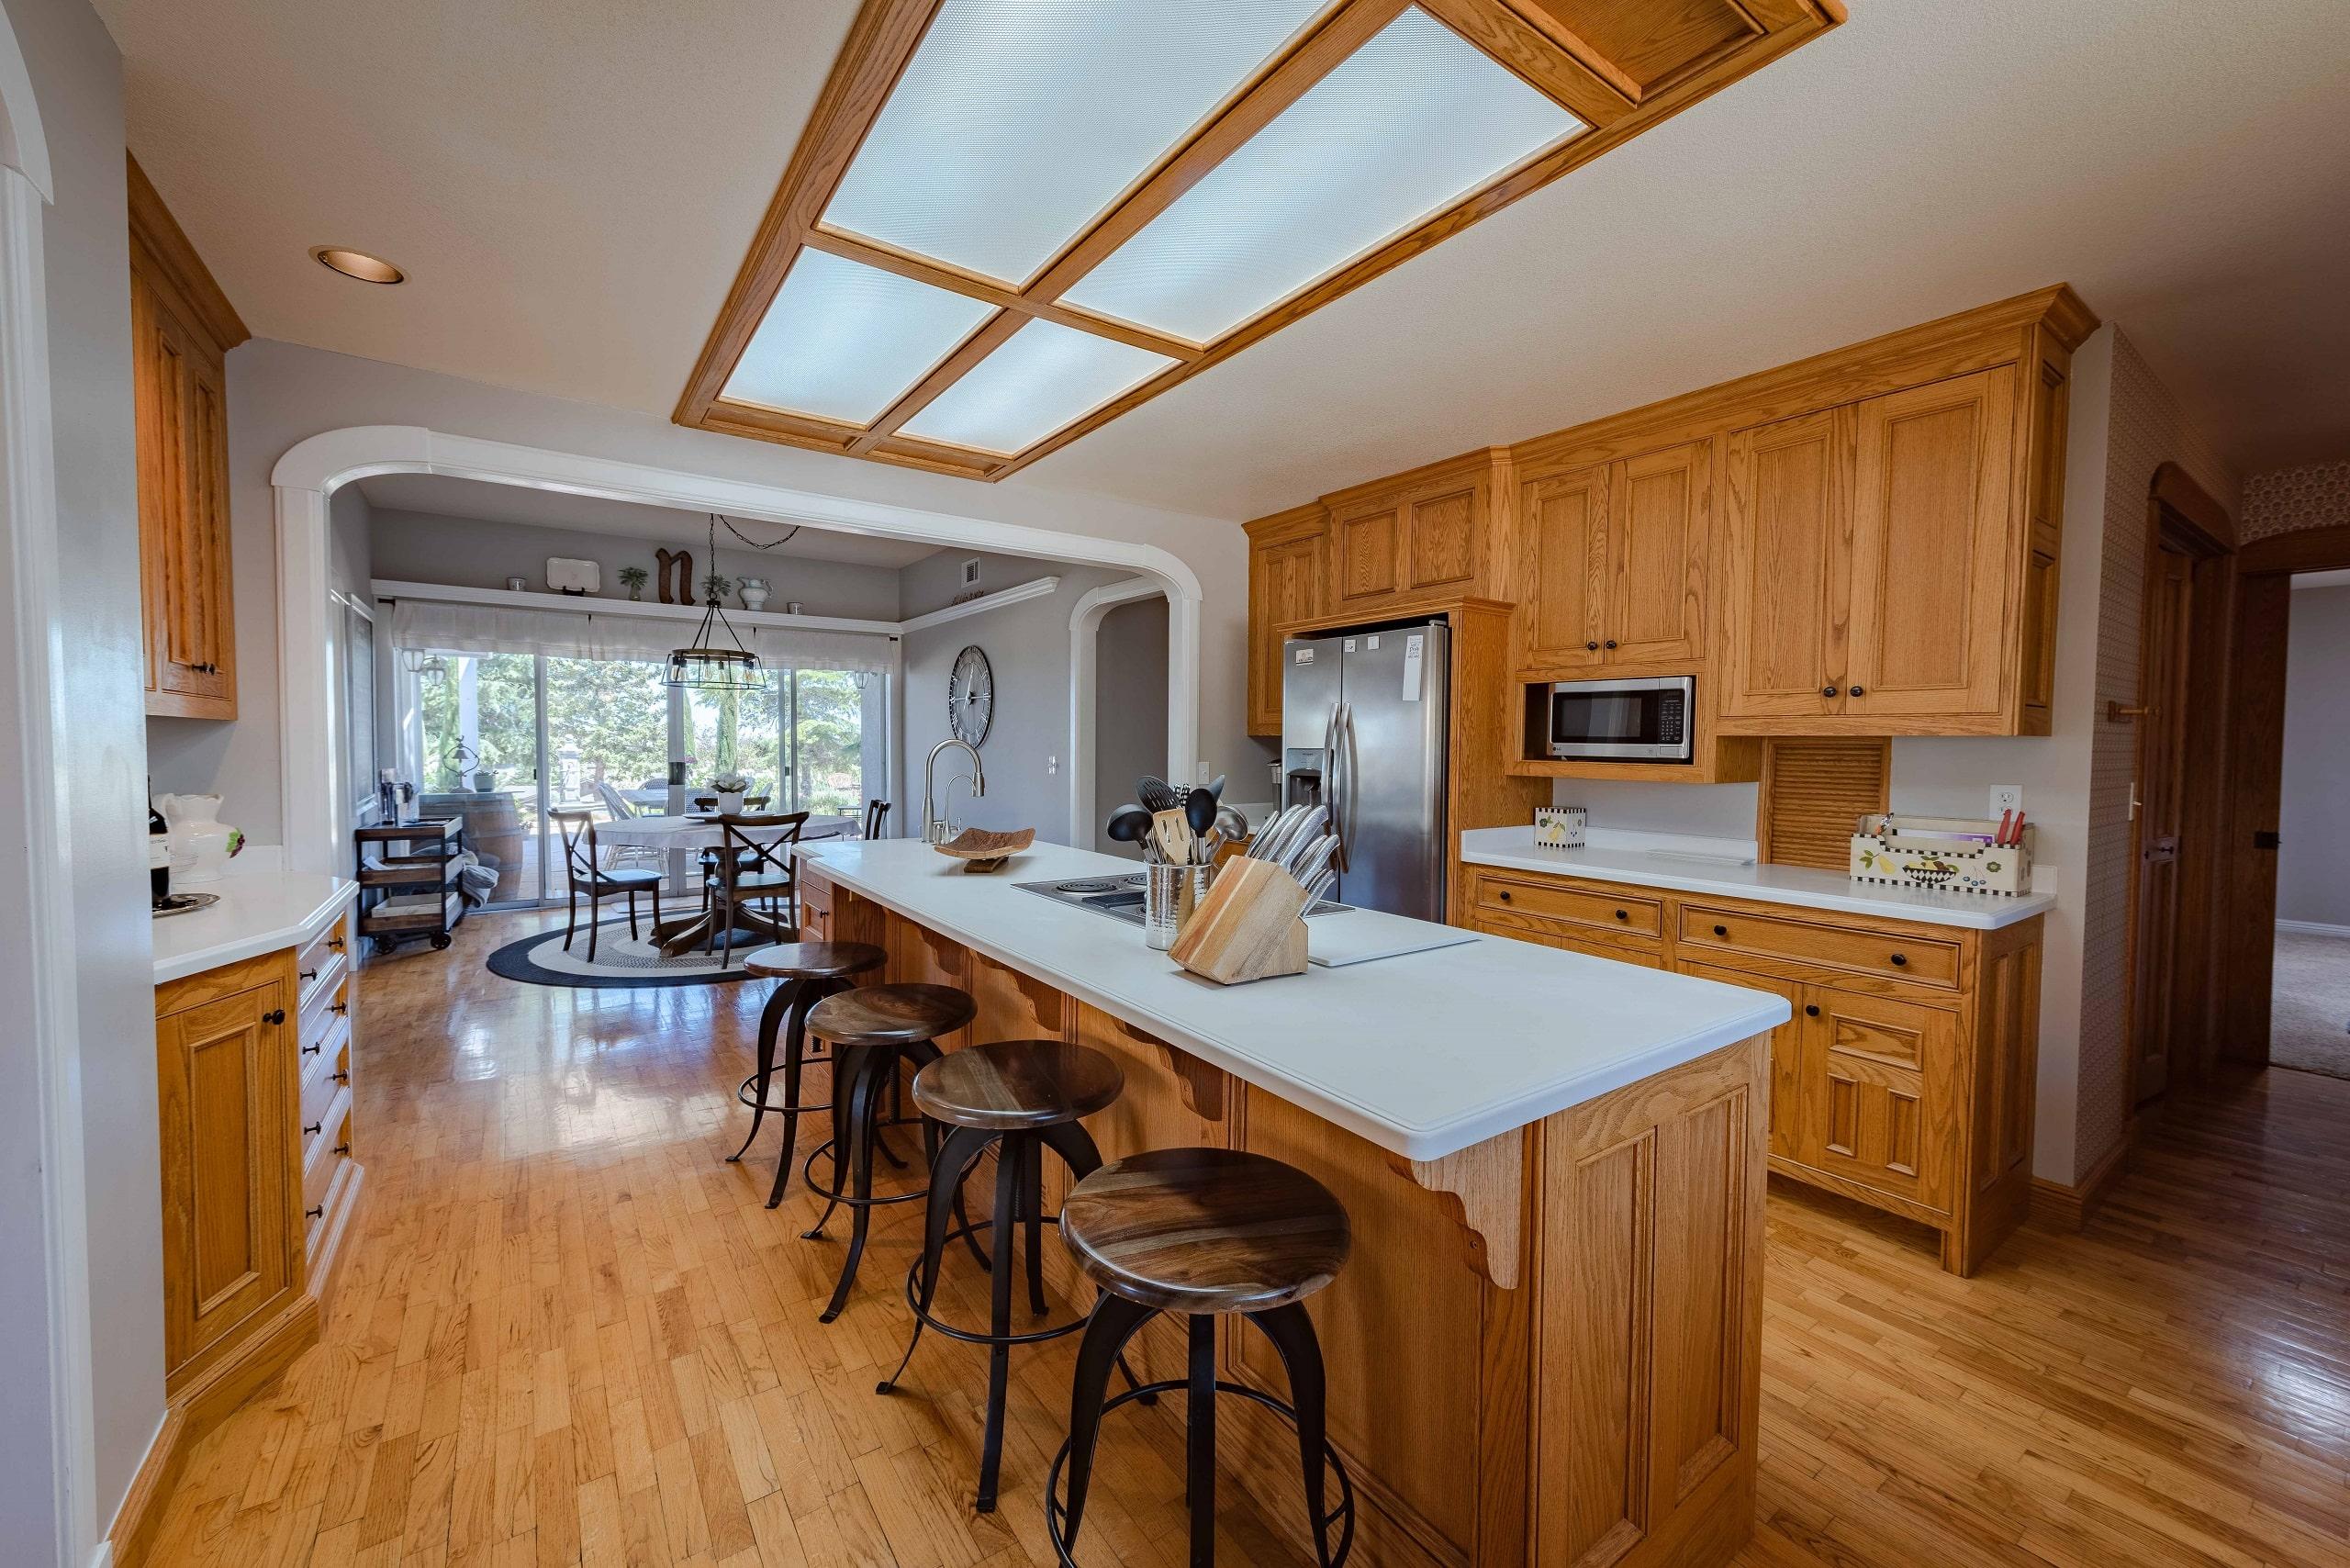 la maison kitchen